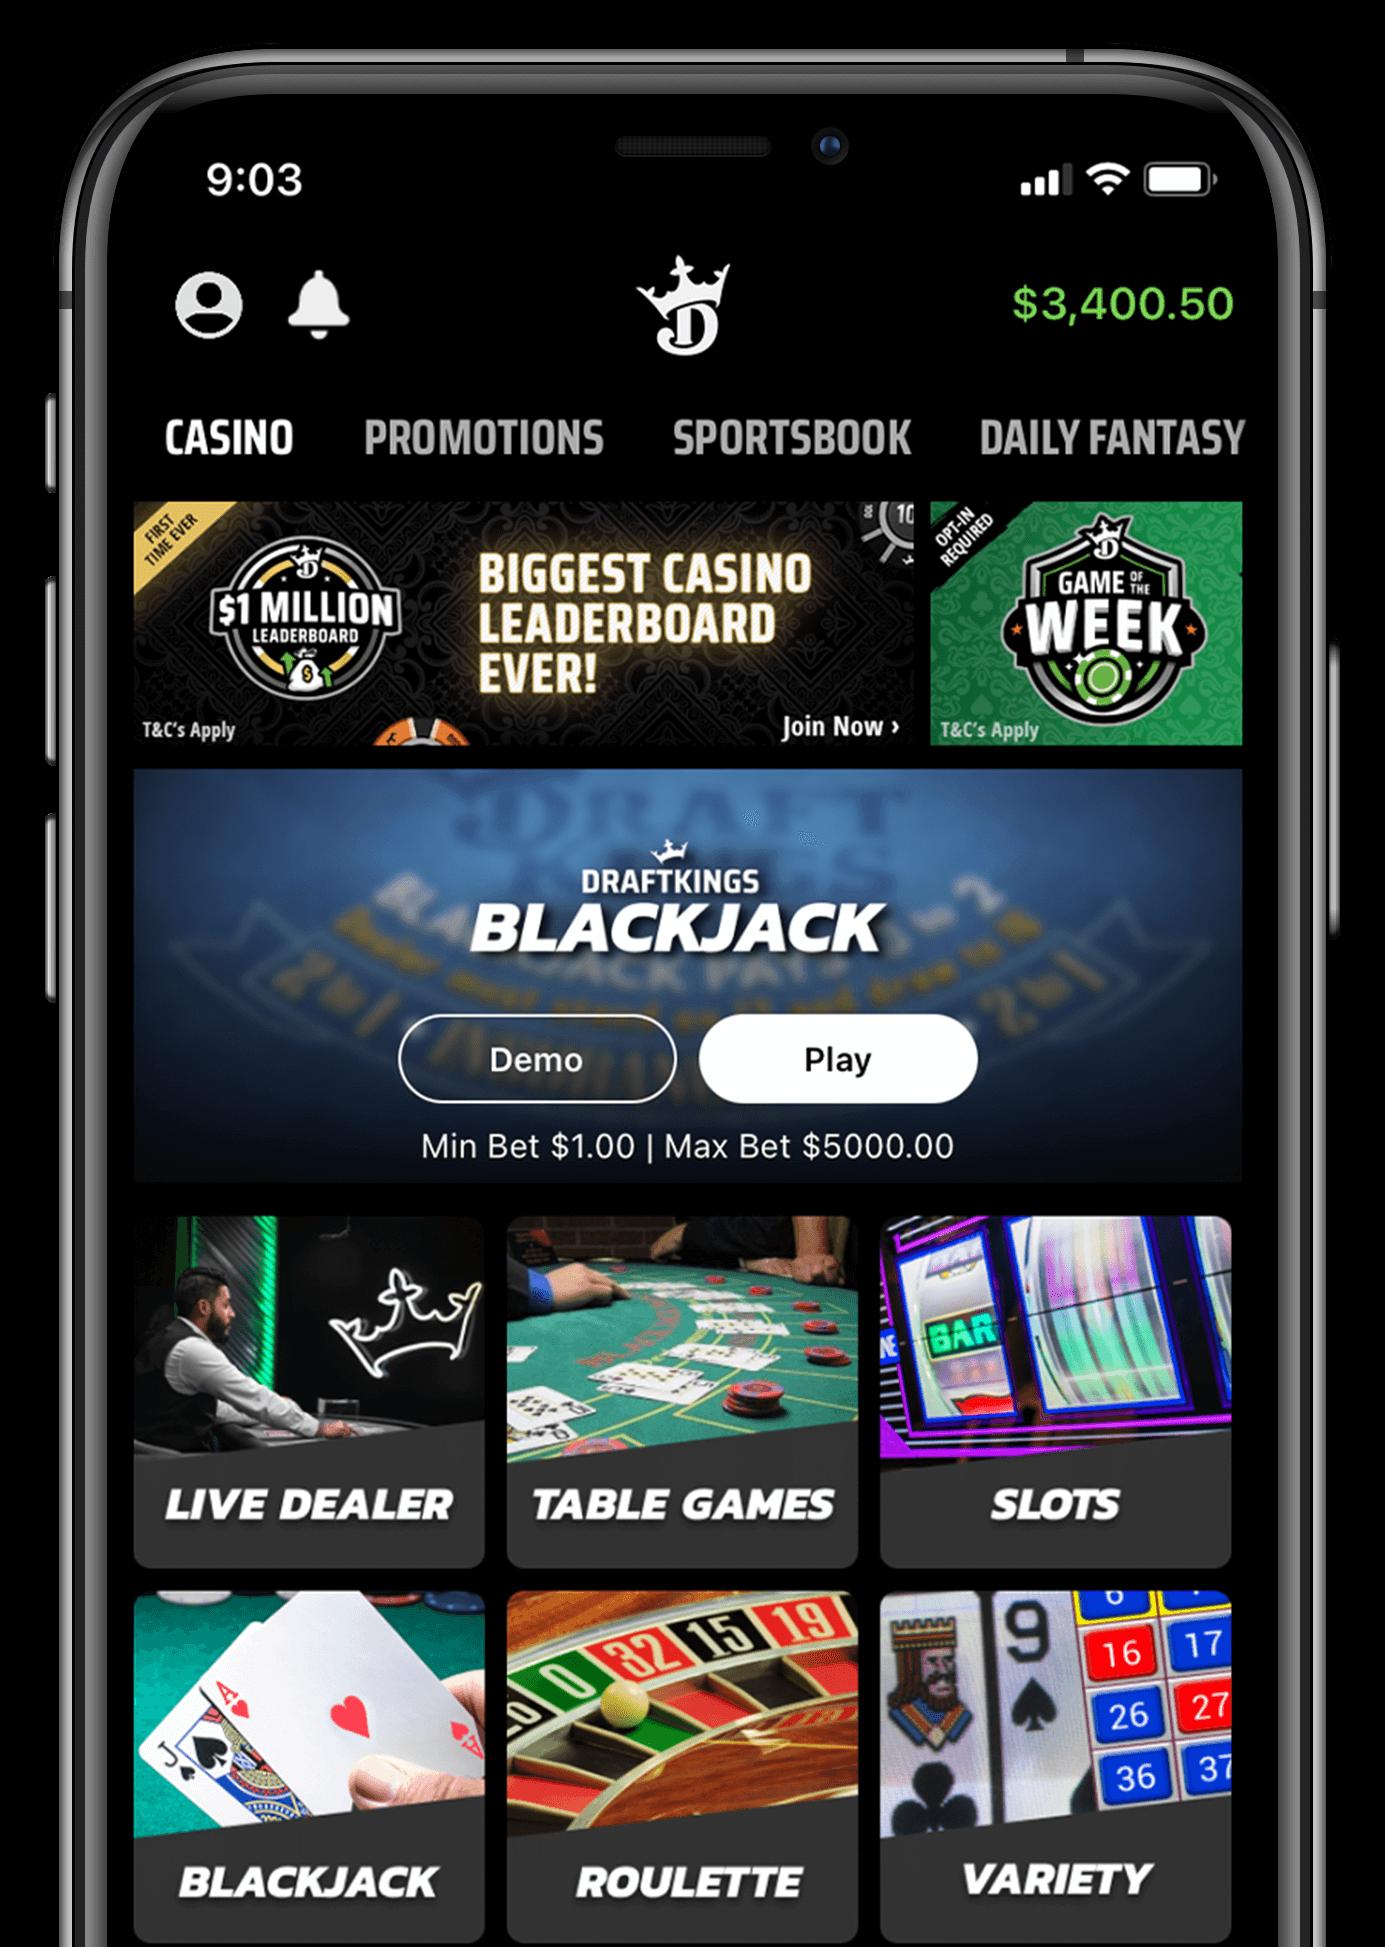 Draftkings blackjack review